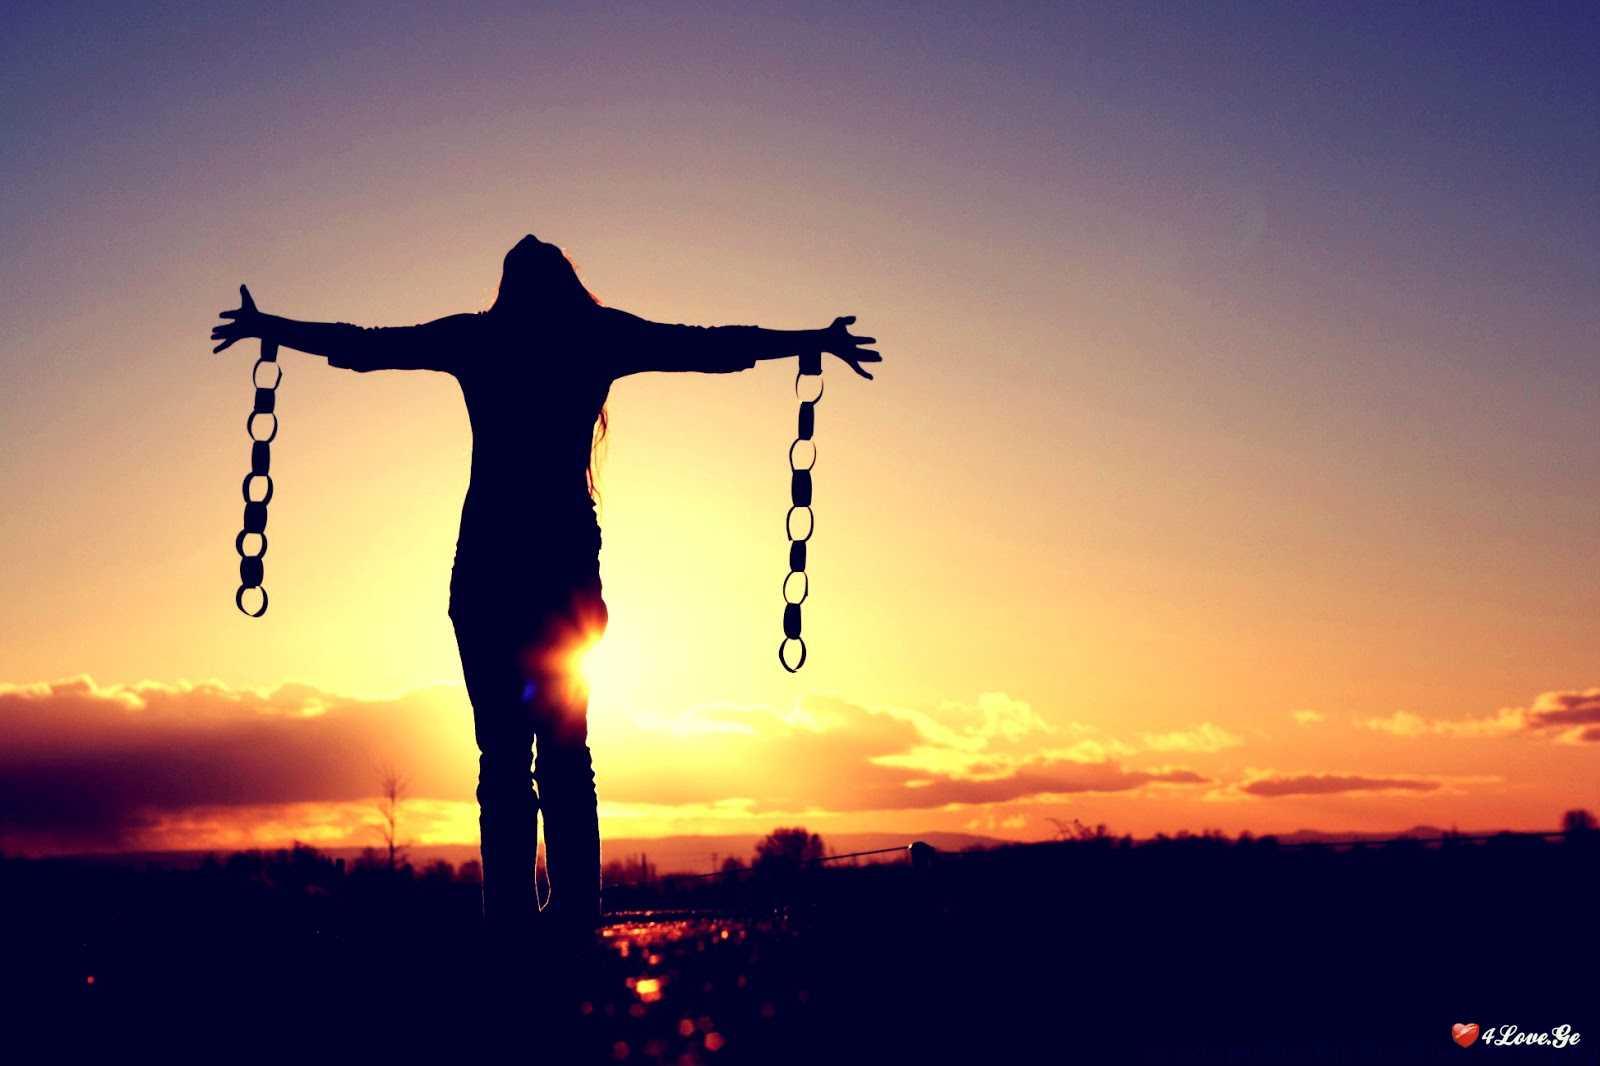 თავისუფლებას ვნატრობ